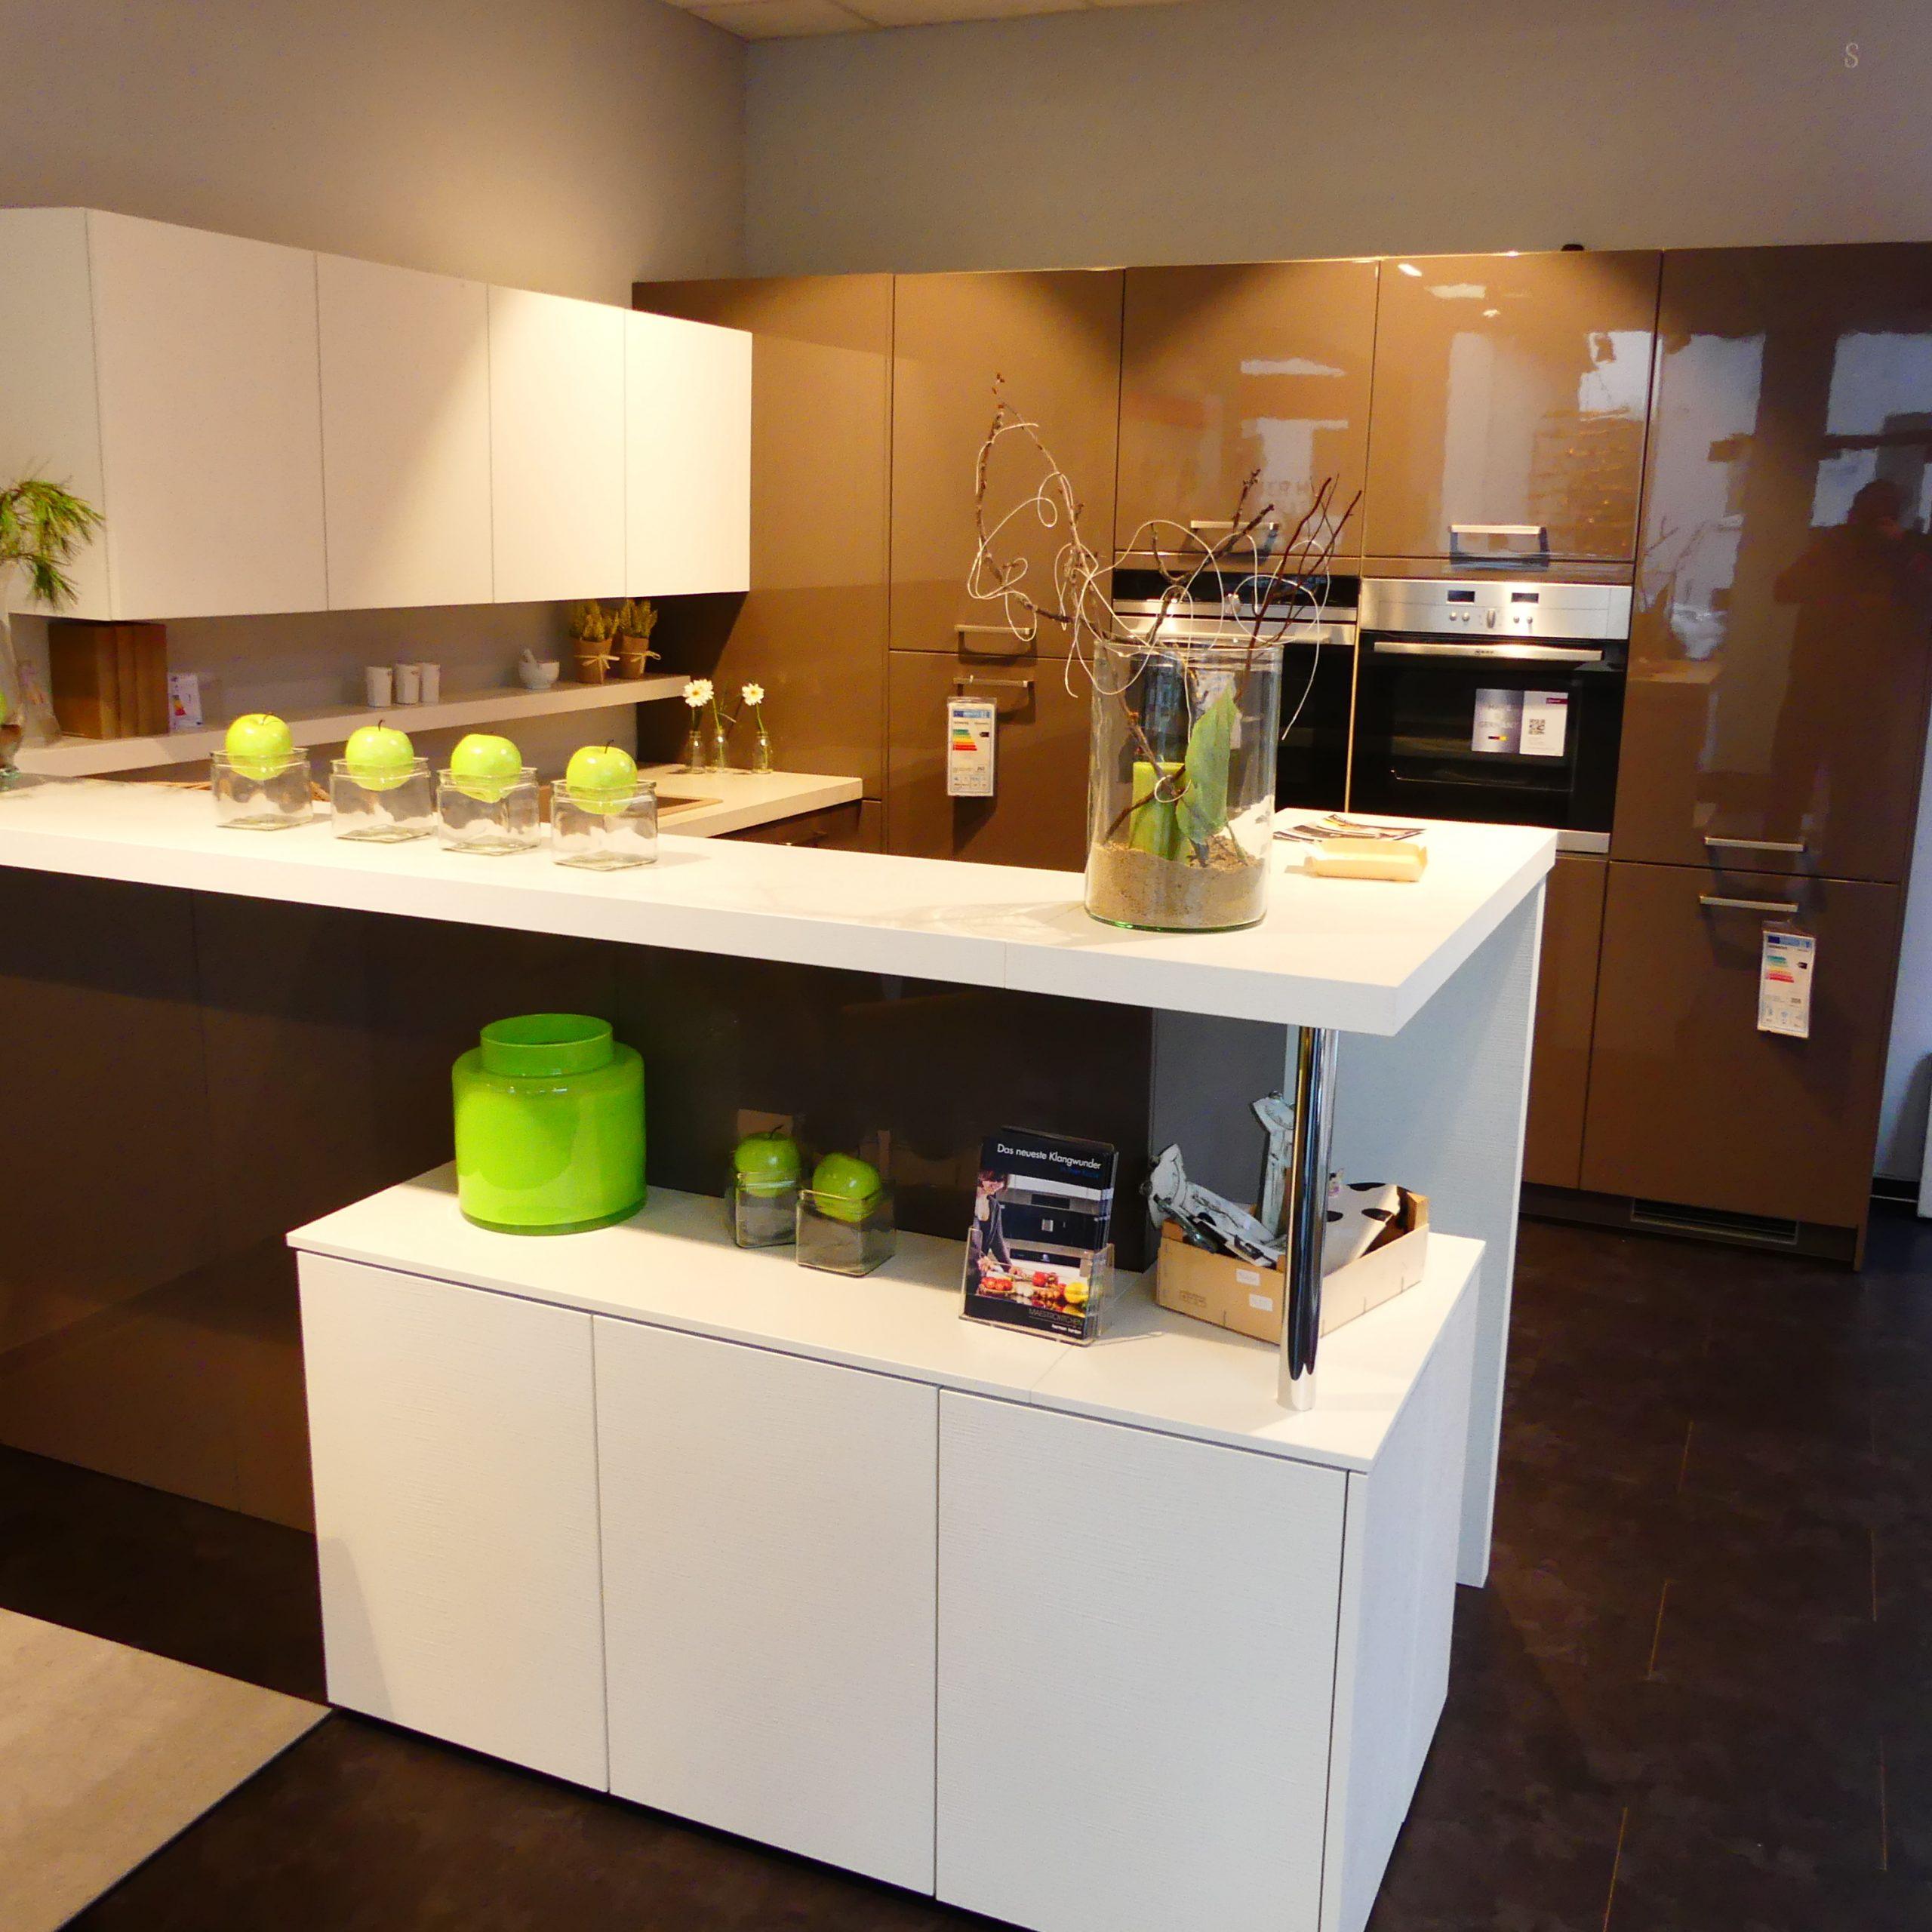 Full Size of Bulthaup Küchen Abverkauf österreich Bad Inselküche Regal Wohnzimmer Bulthaup Küchen Abverkauf österreich